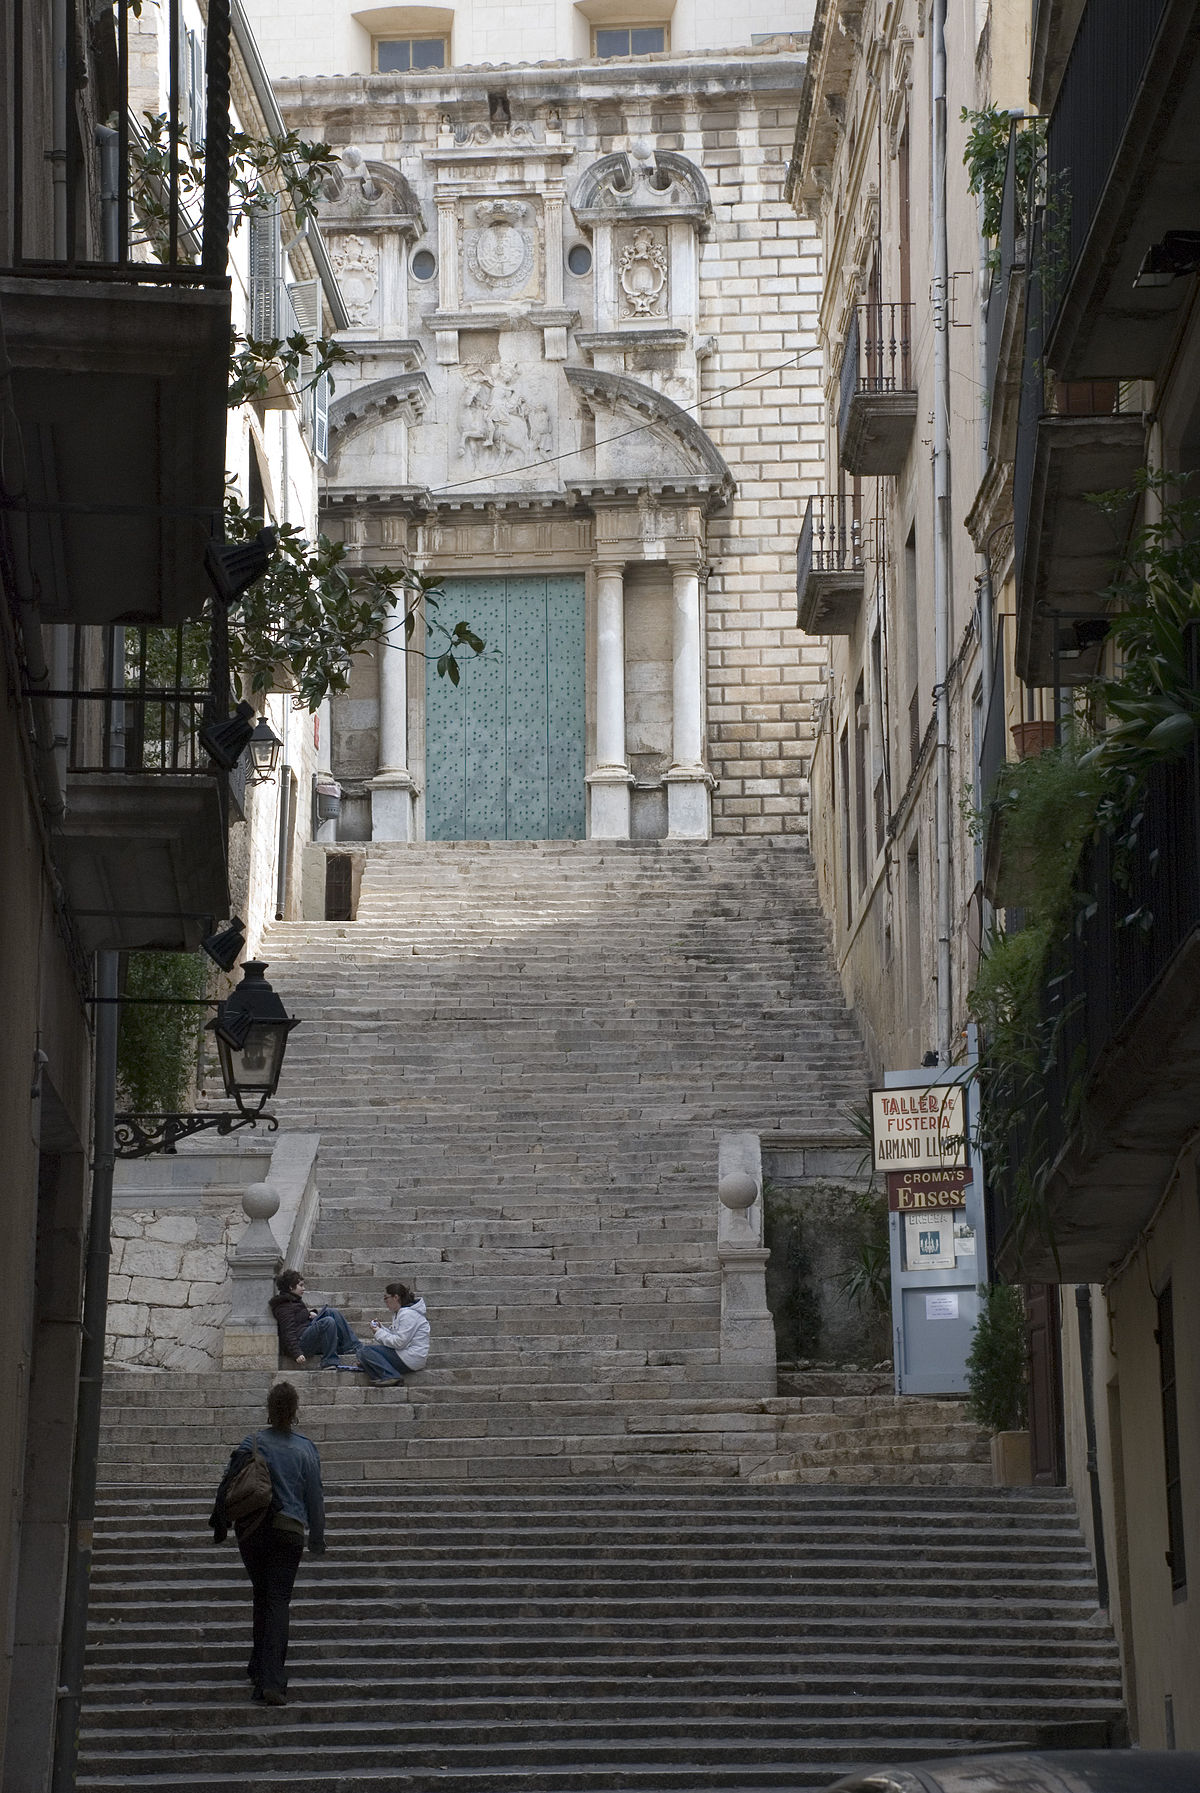 Escalinata de sant mart viquip dia l 39 enciclop dia lliure for Oficina habitatge sant marti